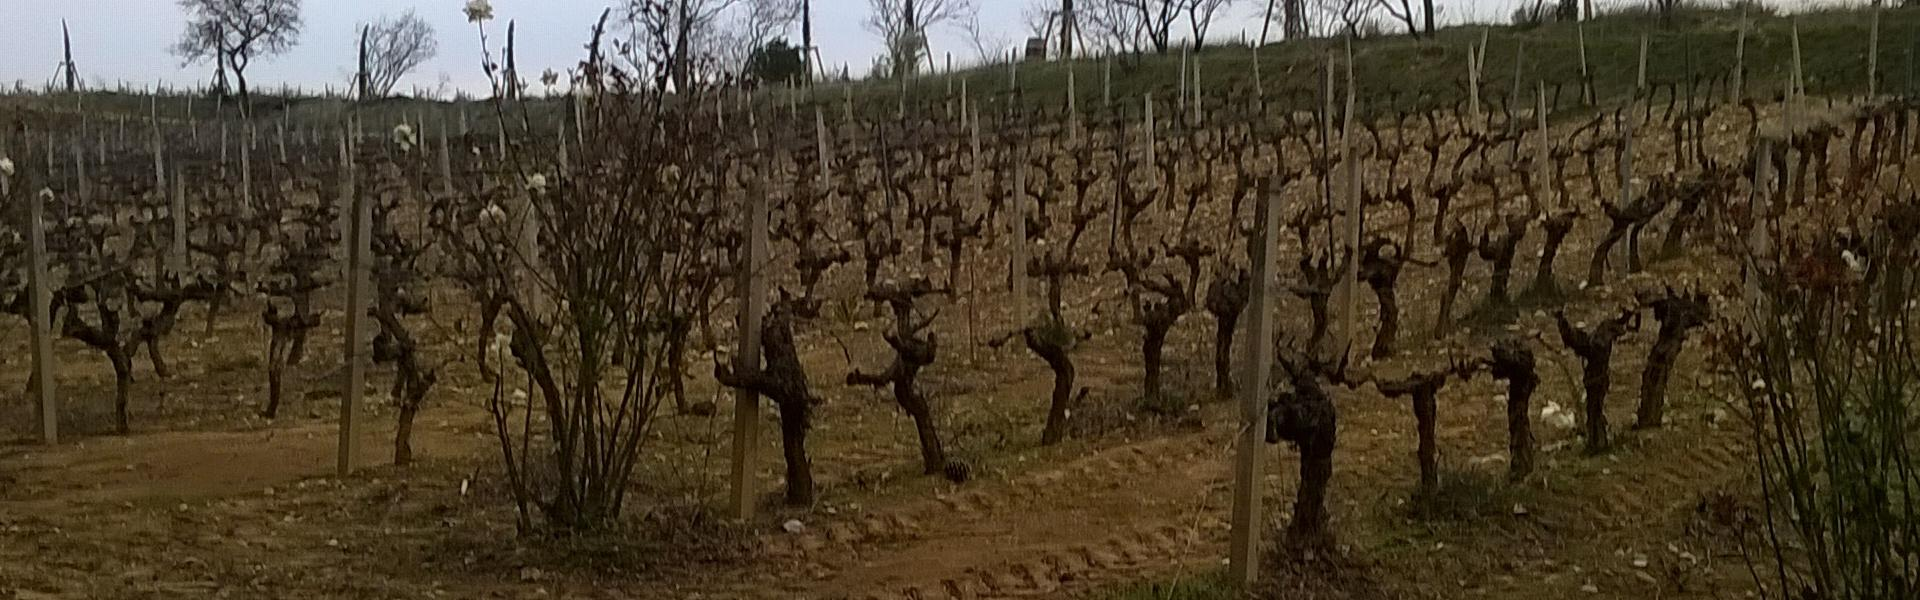 Vinsmagninger